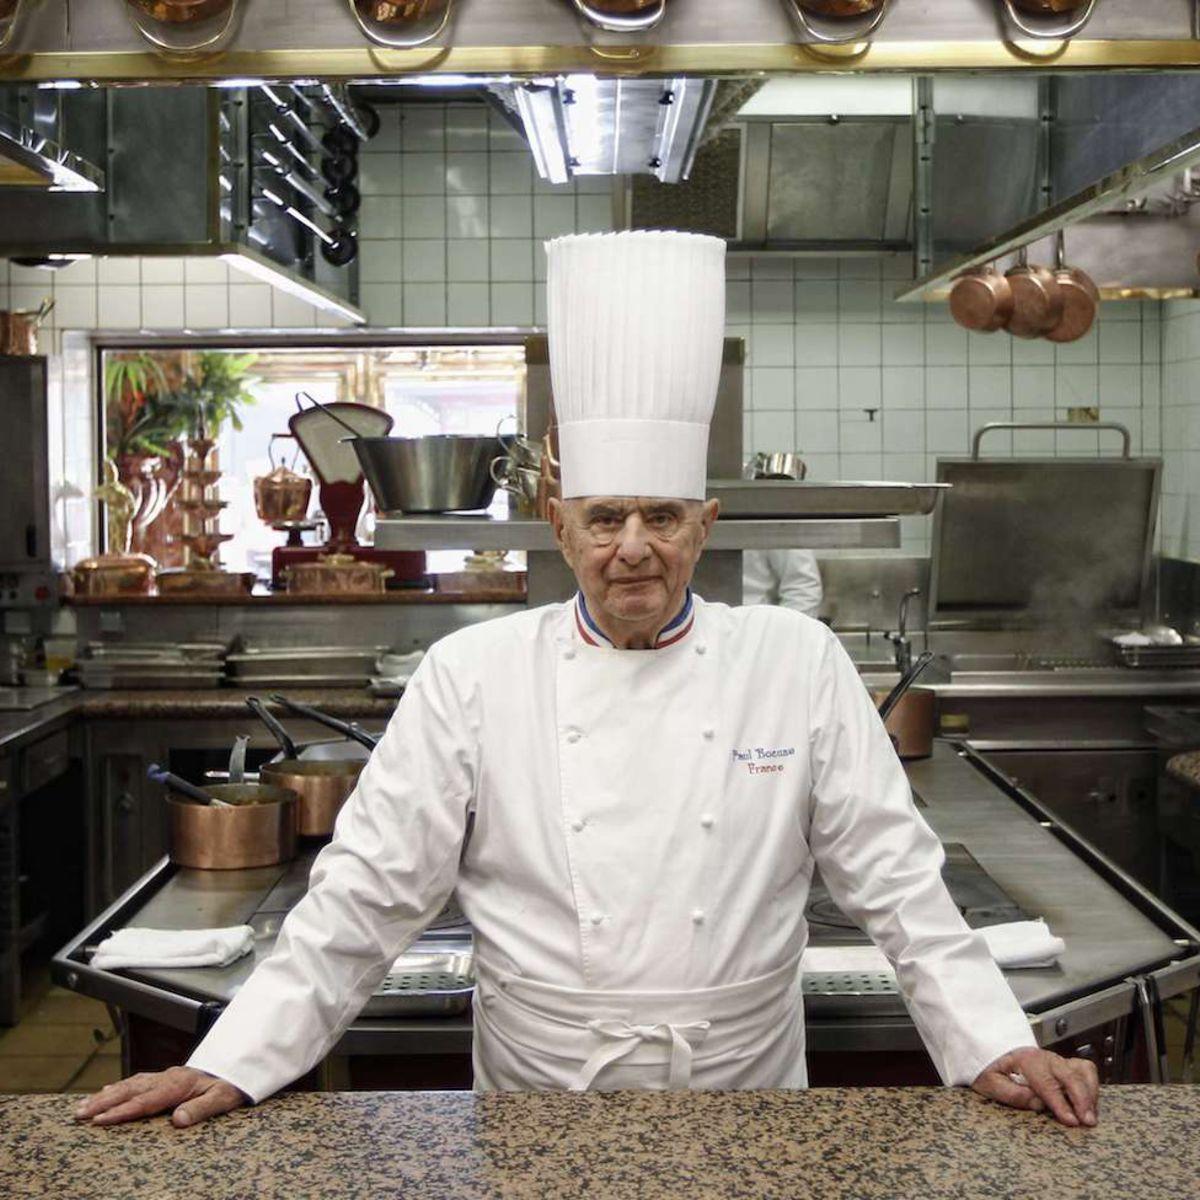 Restaurant à Lyon : comment profiter de la gastronomie lyonnaise ?